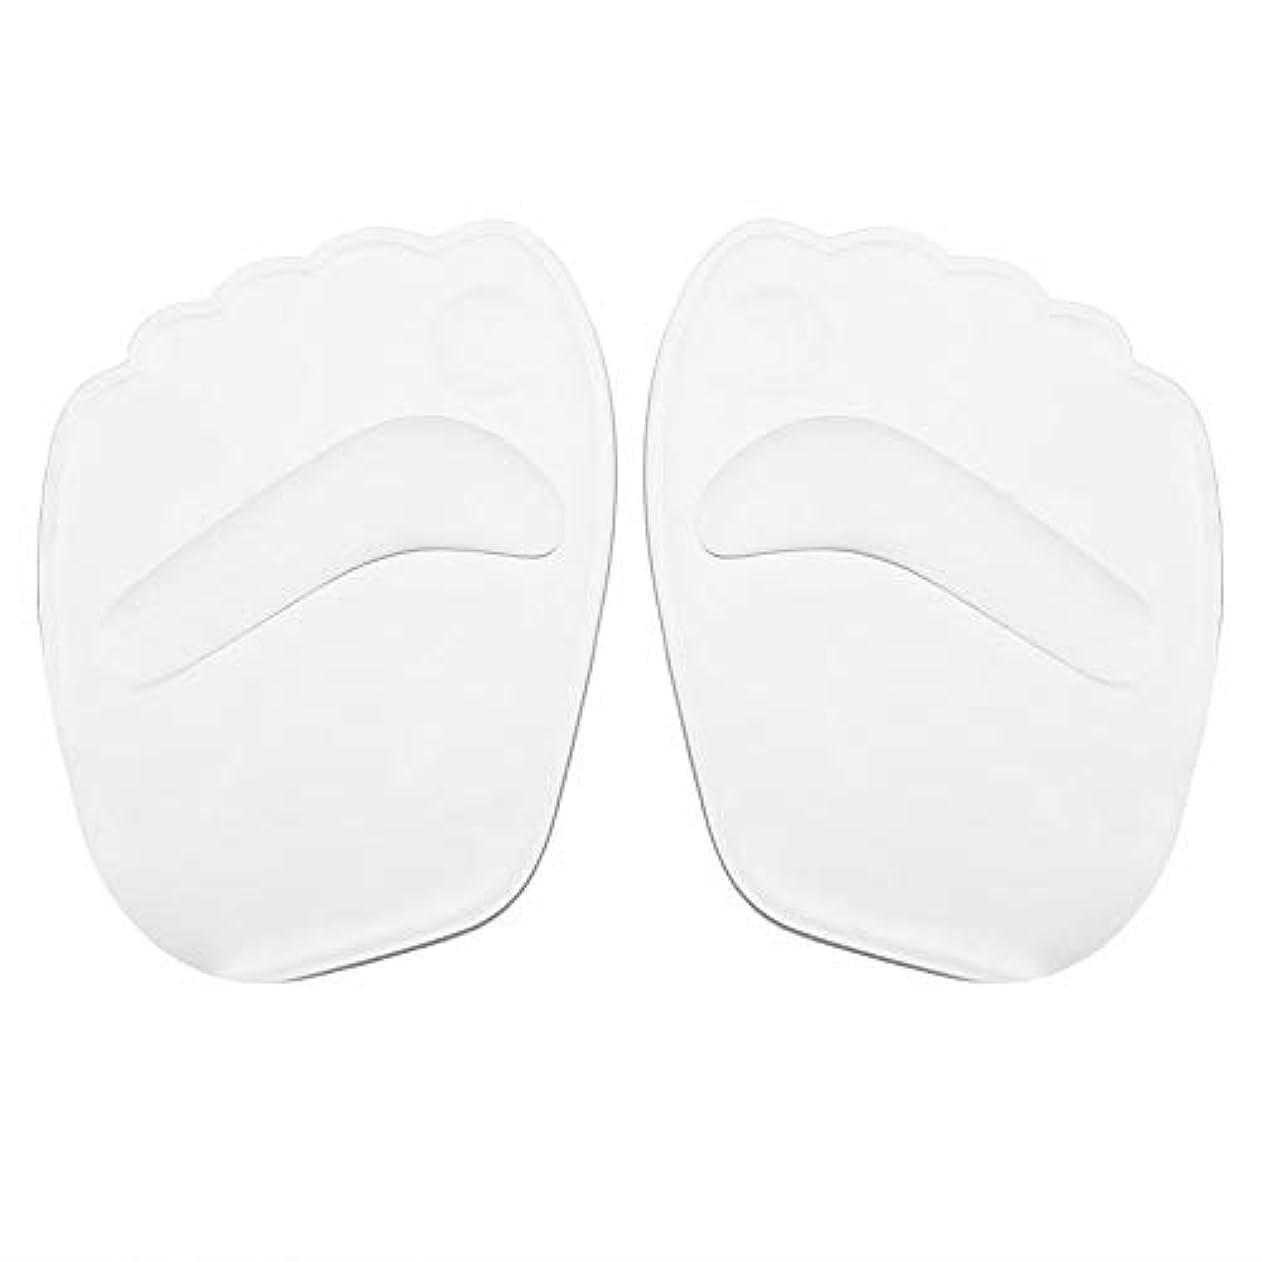 不機嫌トイレ第二ハイヒールパッド インソール 滑り止め ジェルヒール 足裏保護パッド つま先の痛み緩和 足裏マッサージ 靴ずれ防止パッド 柔らかい